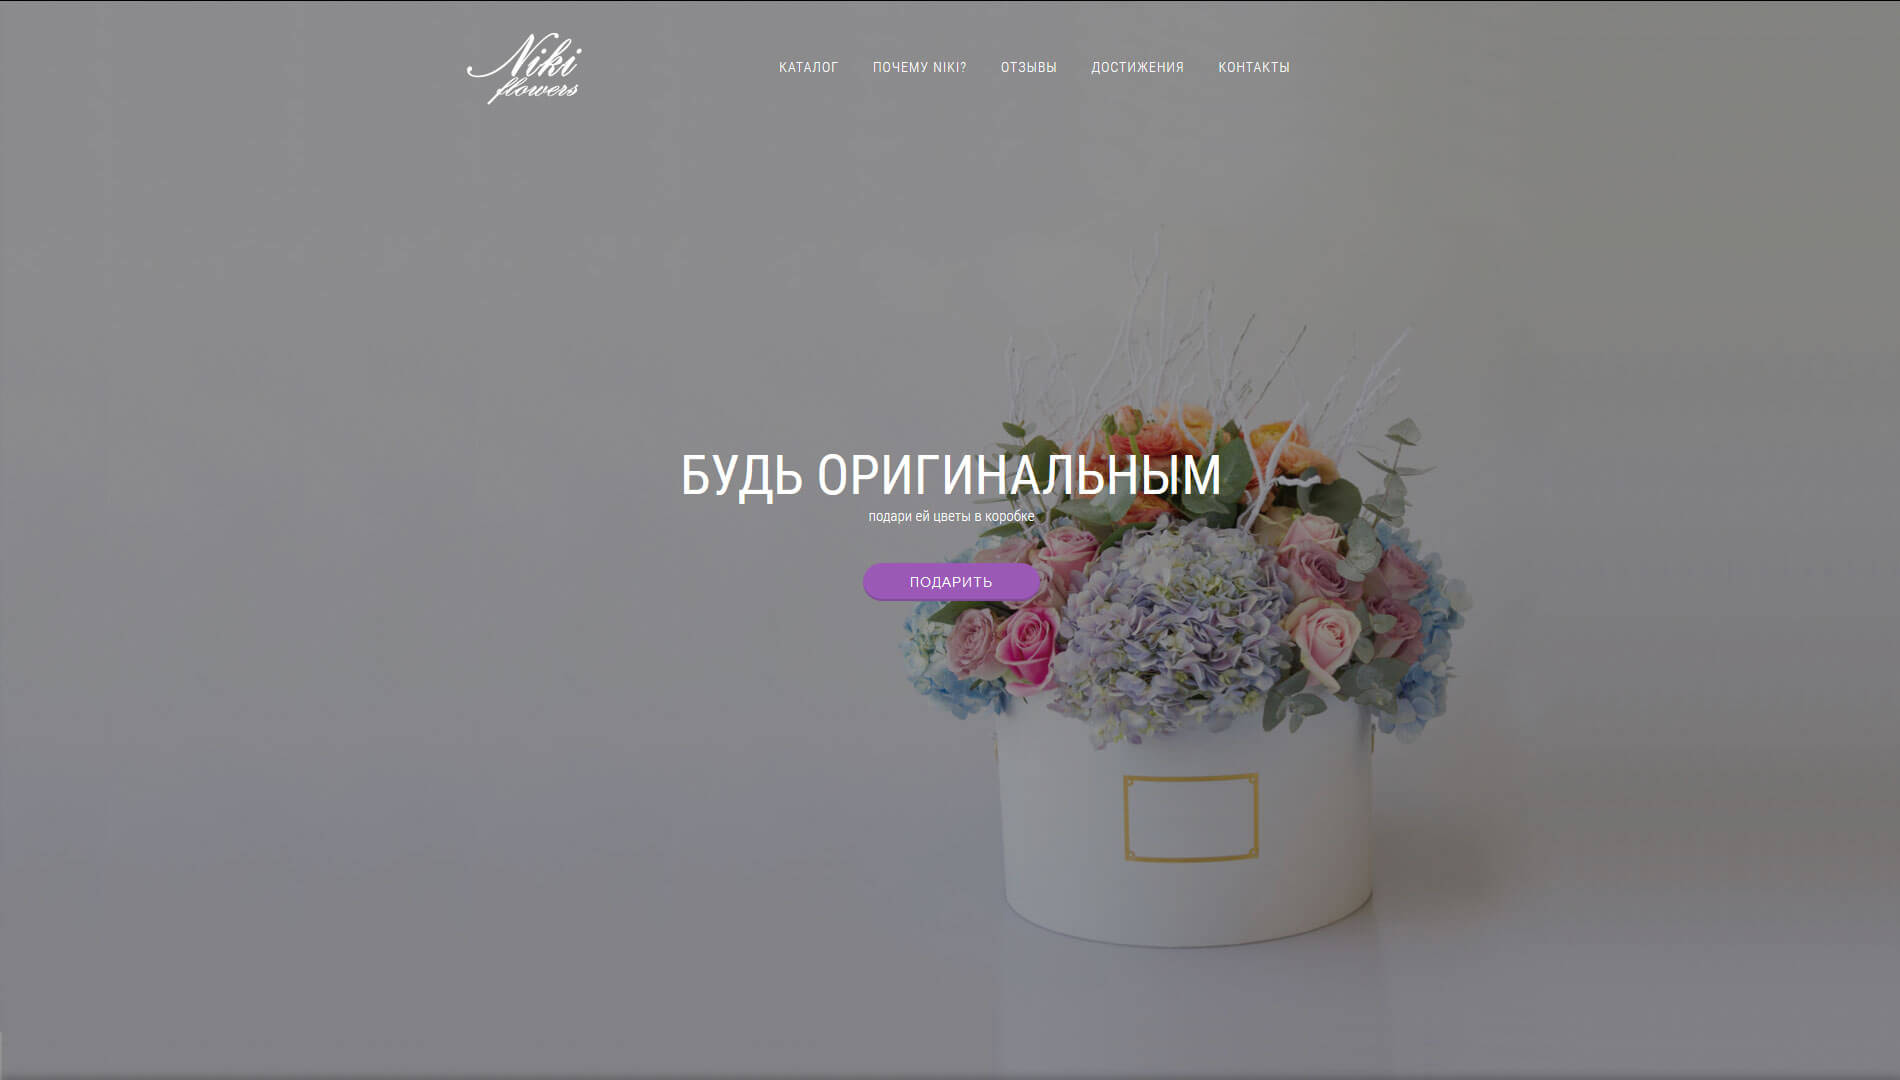 Создание одостраничного интернет-магазина Nikiflowers для продажи цветов в коробках